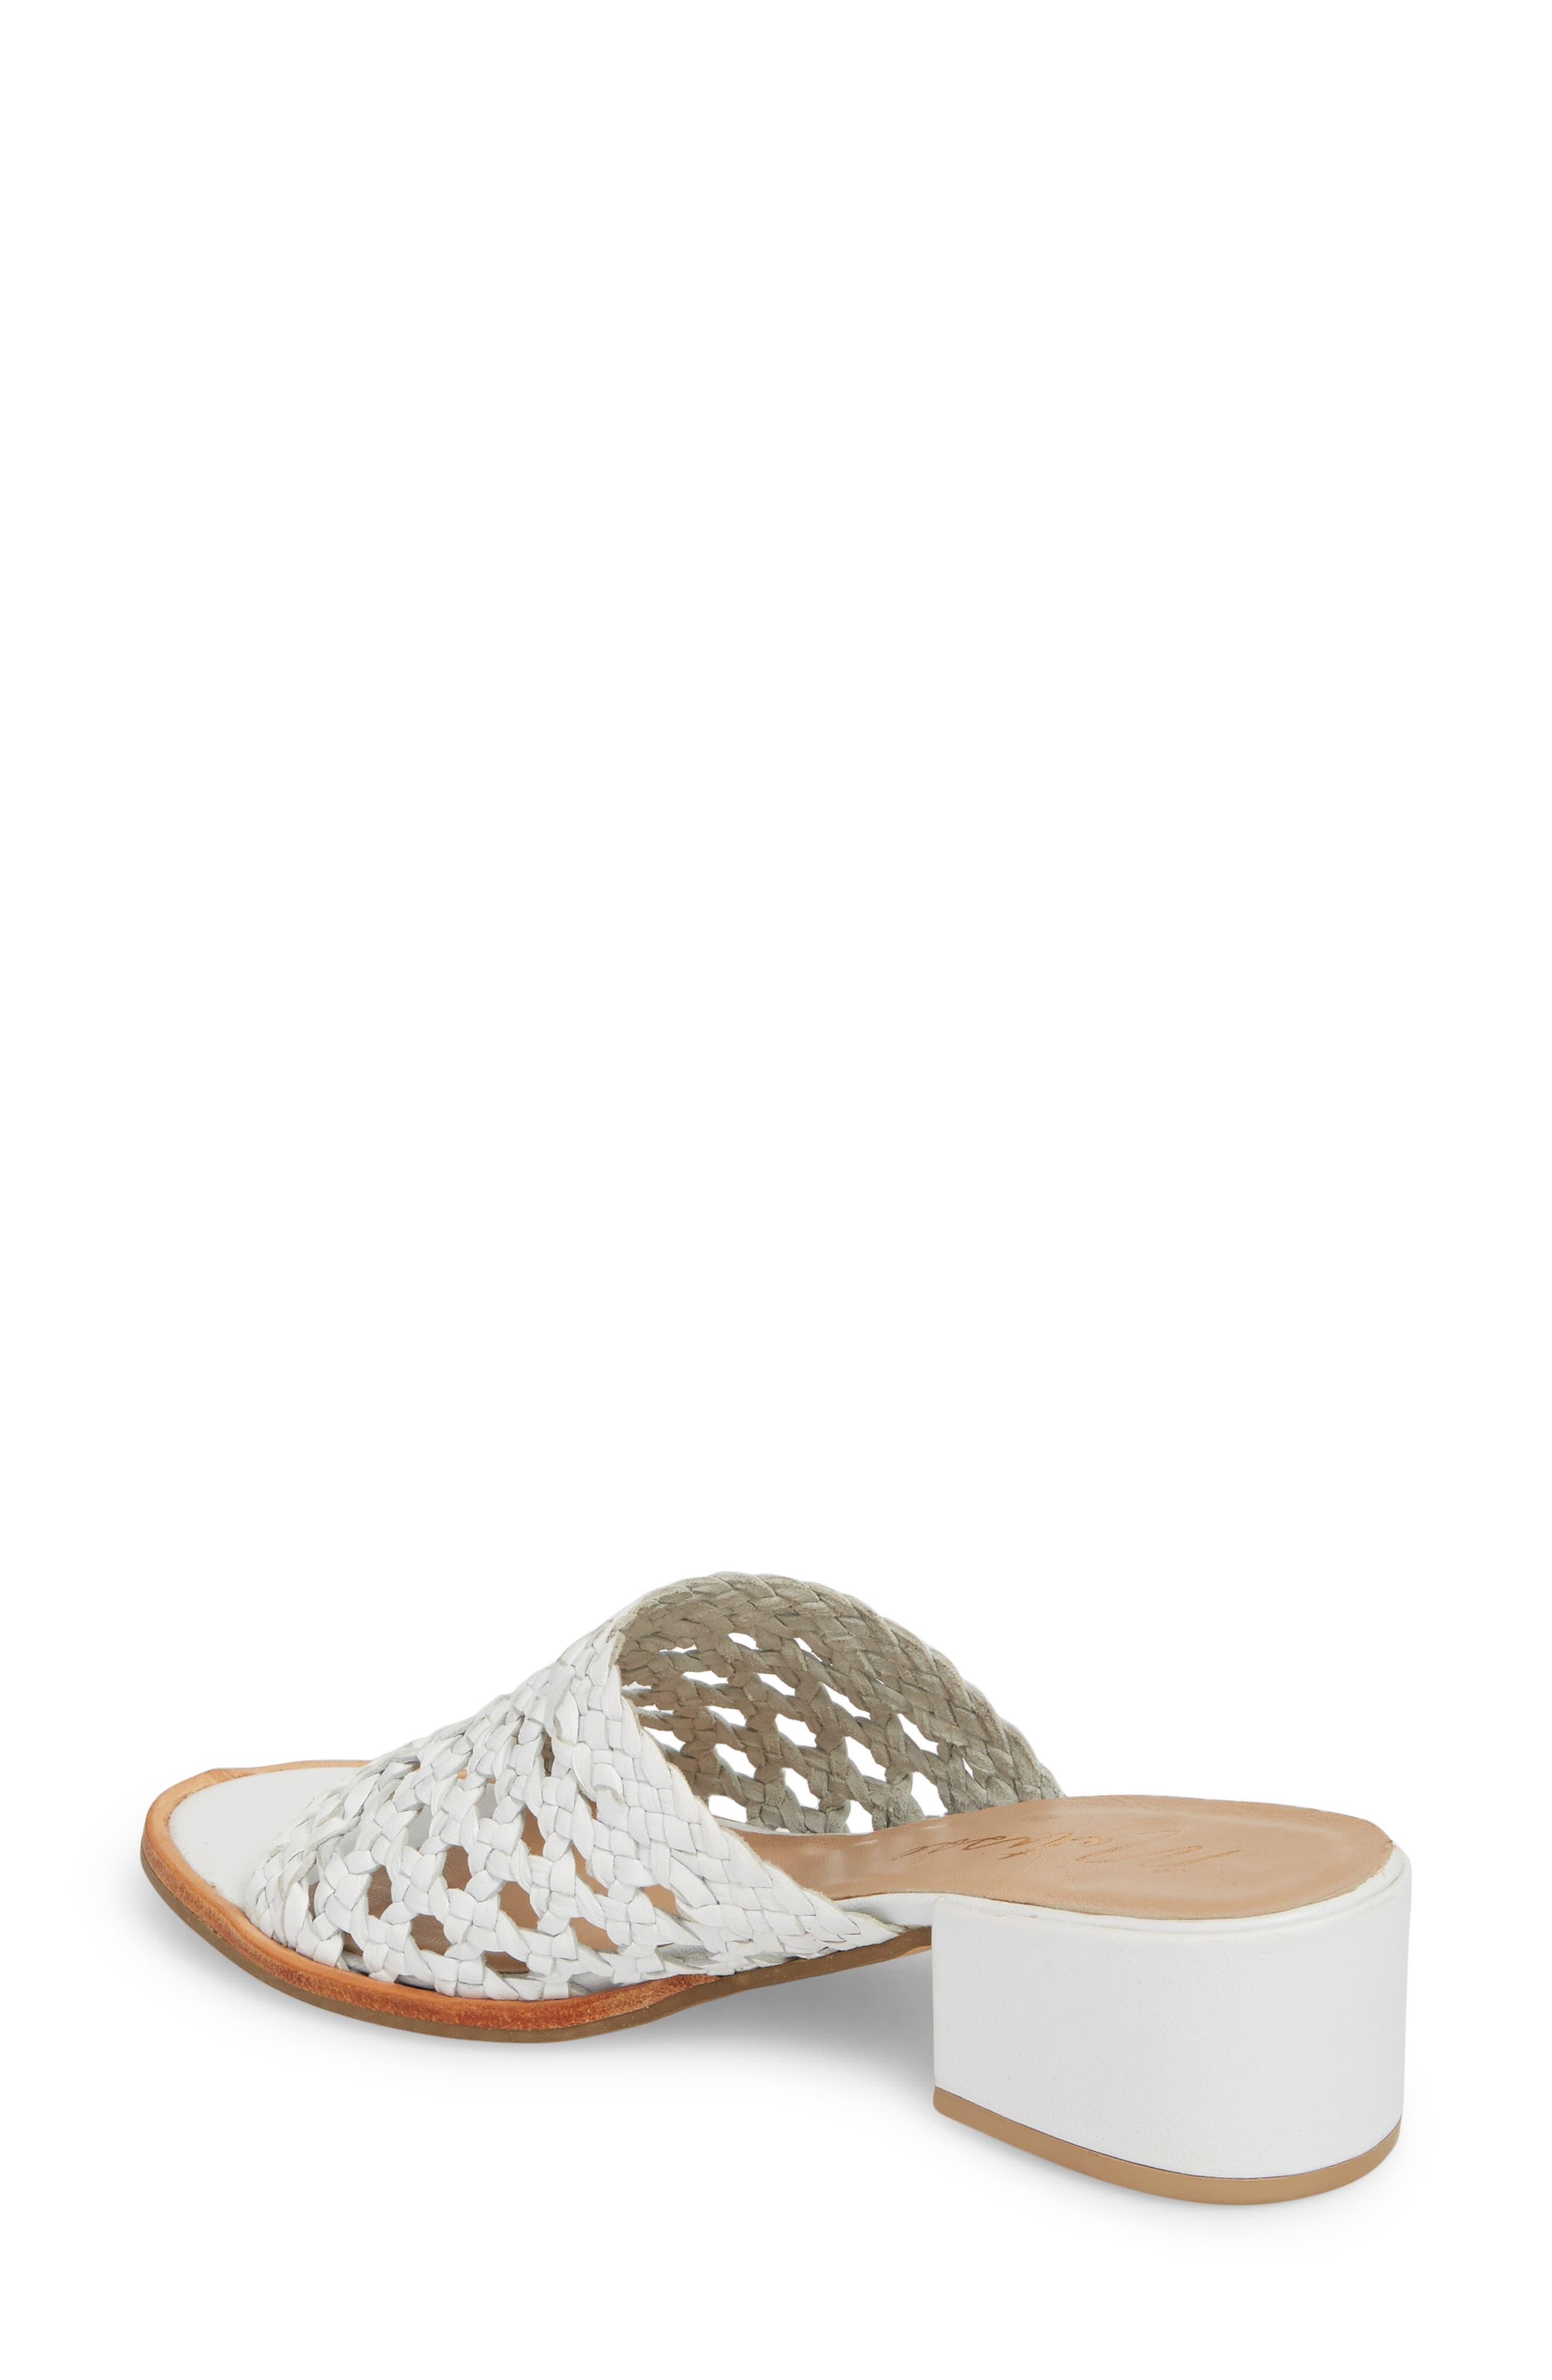 Ditsy Slide Sandal,                             Alternate thumbnail 2, color,                             White Leather